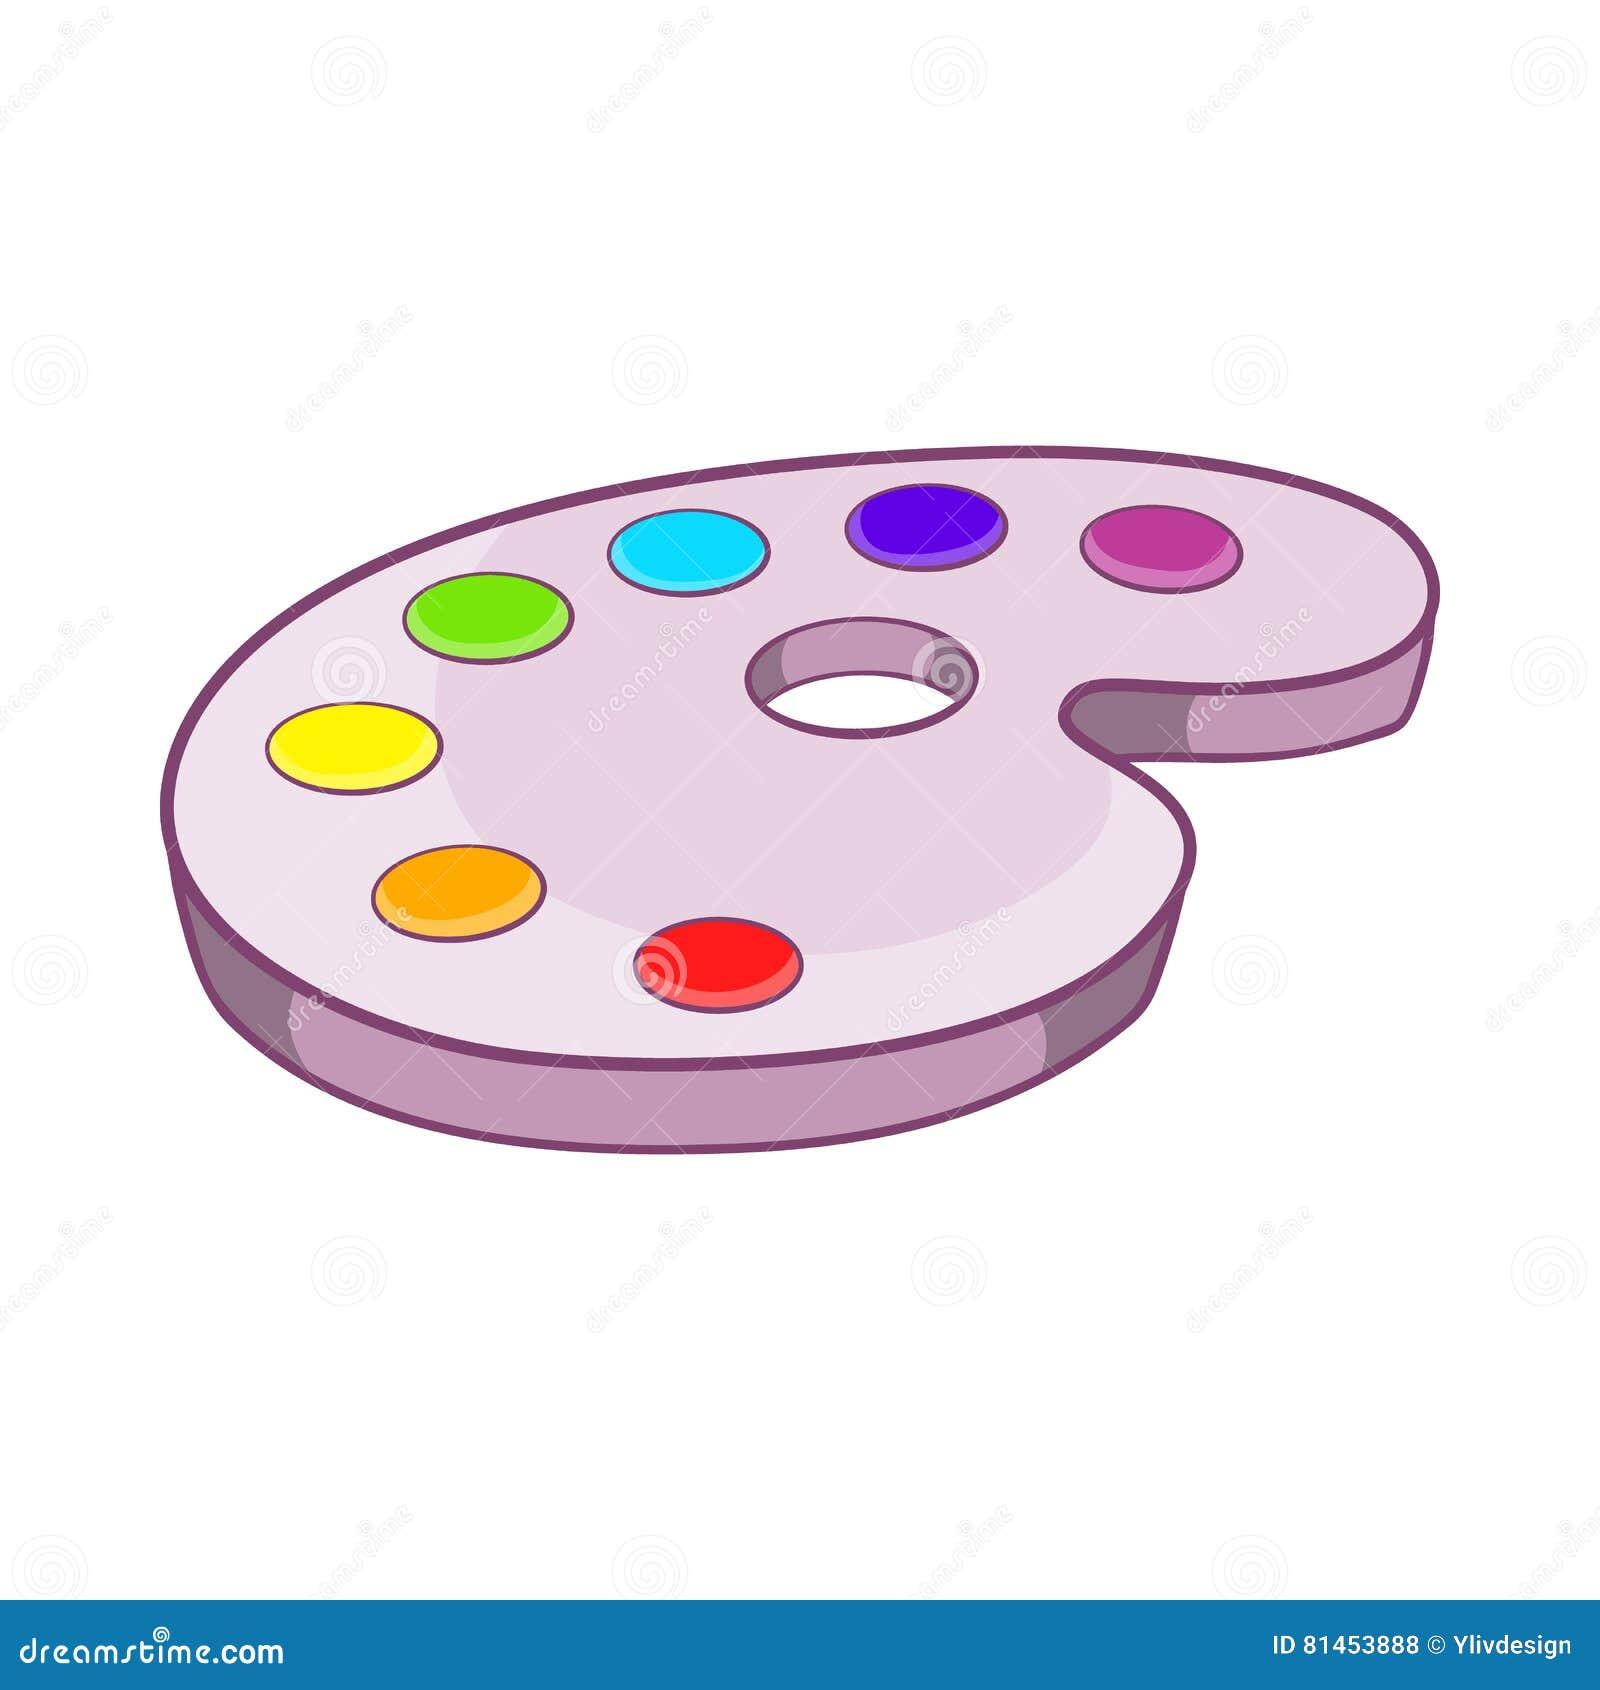 Disegno Tavolozza Dei Colori.Tavolozza Dei Colori Icona Stile Del Fumetto Illustrazione